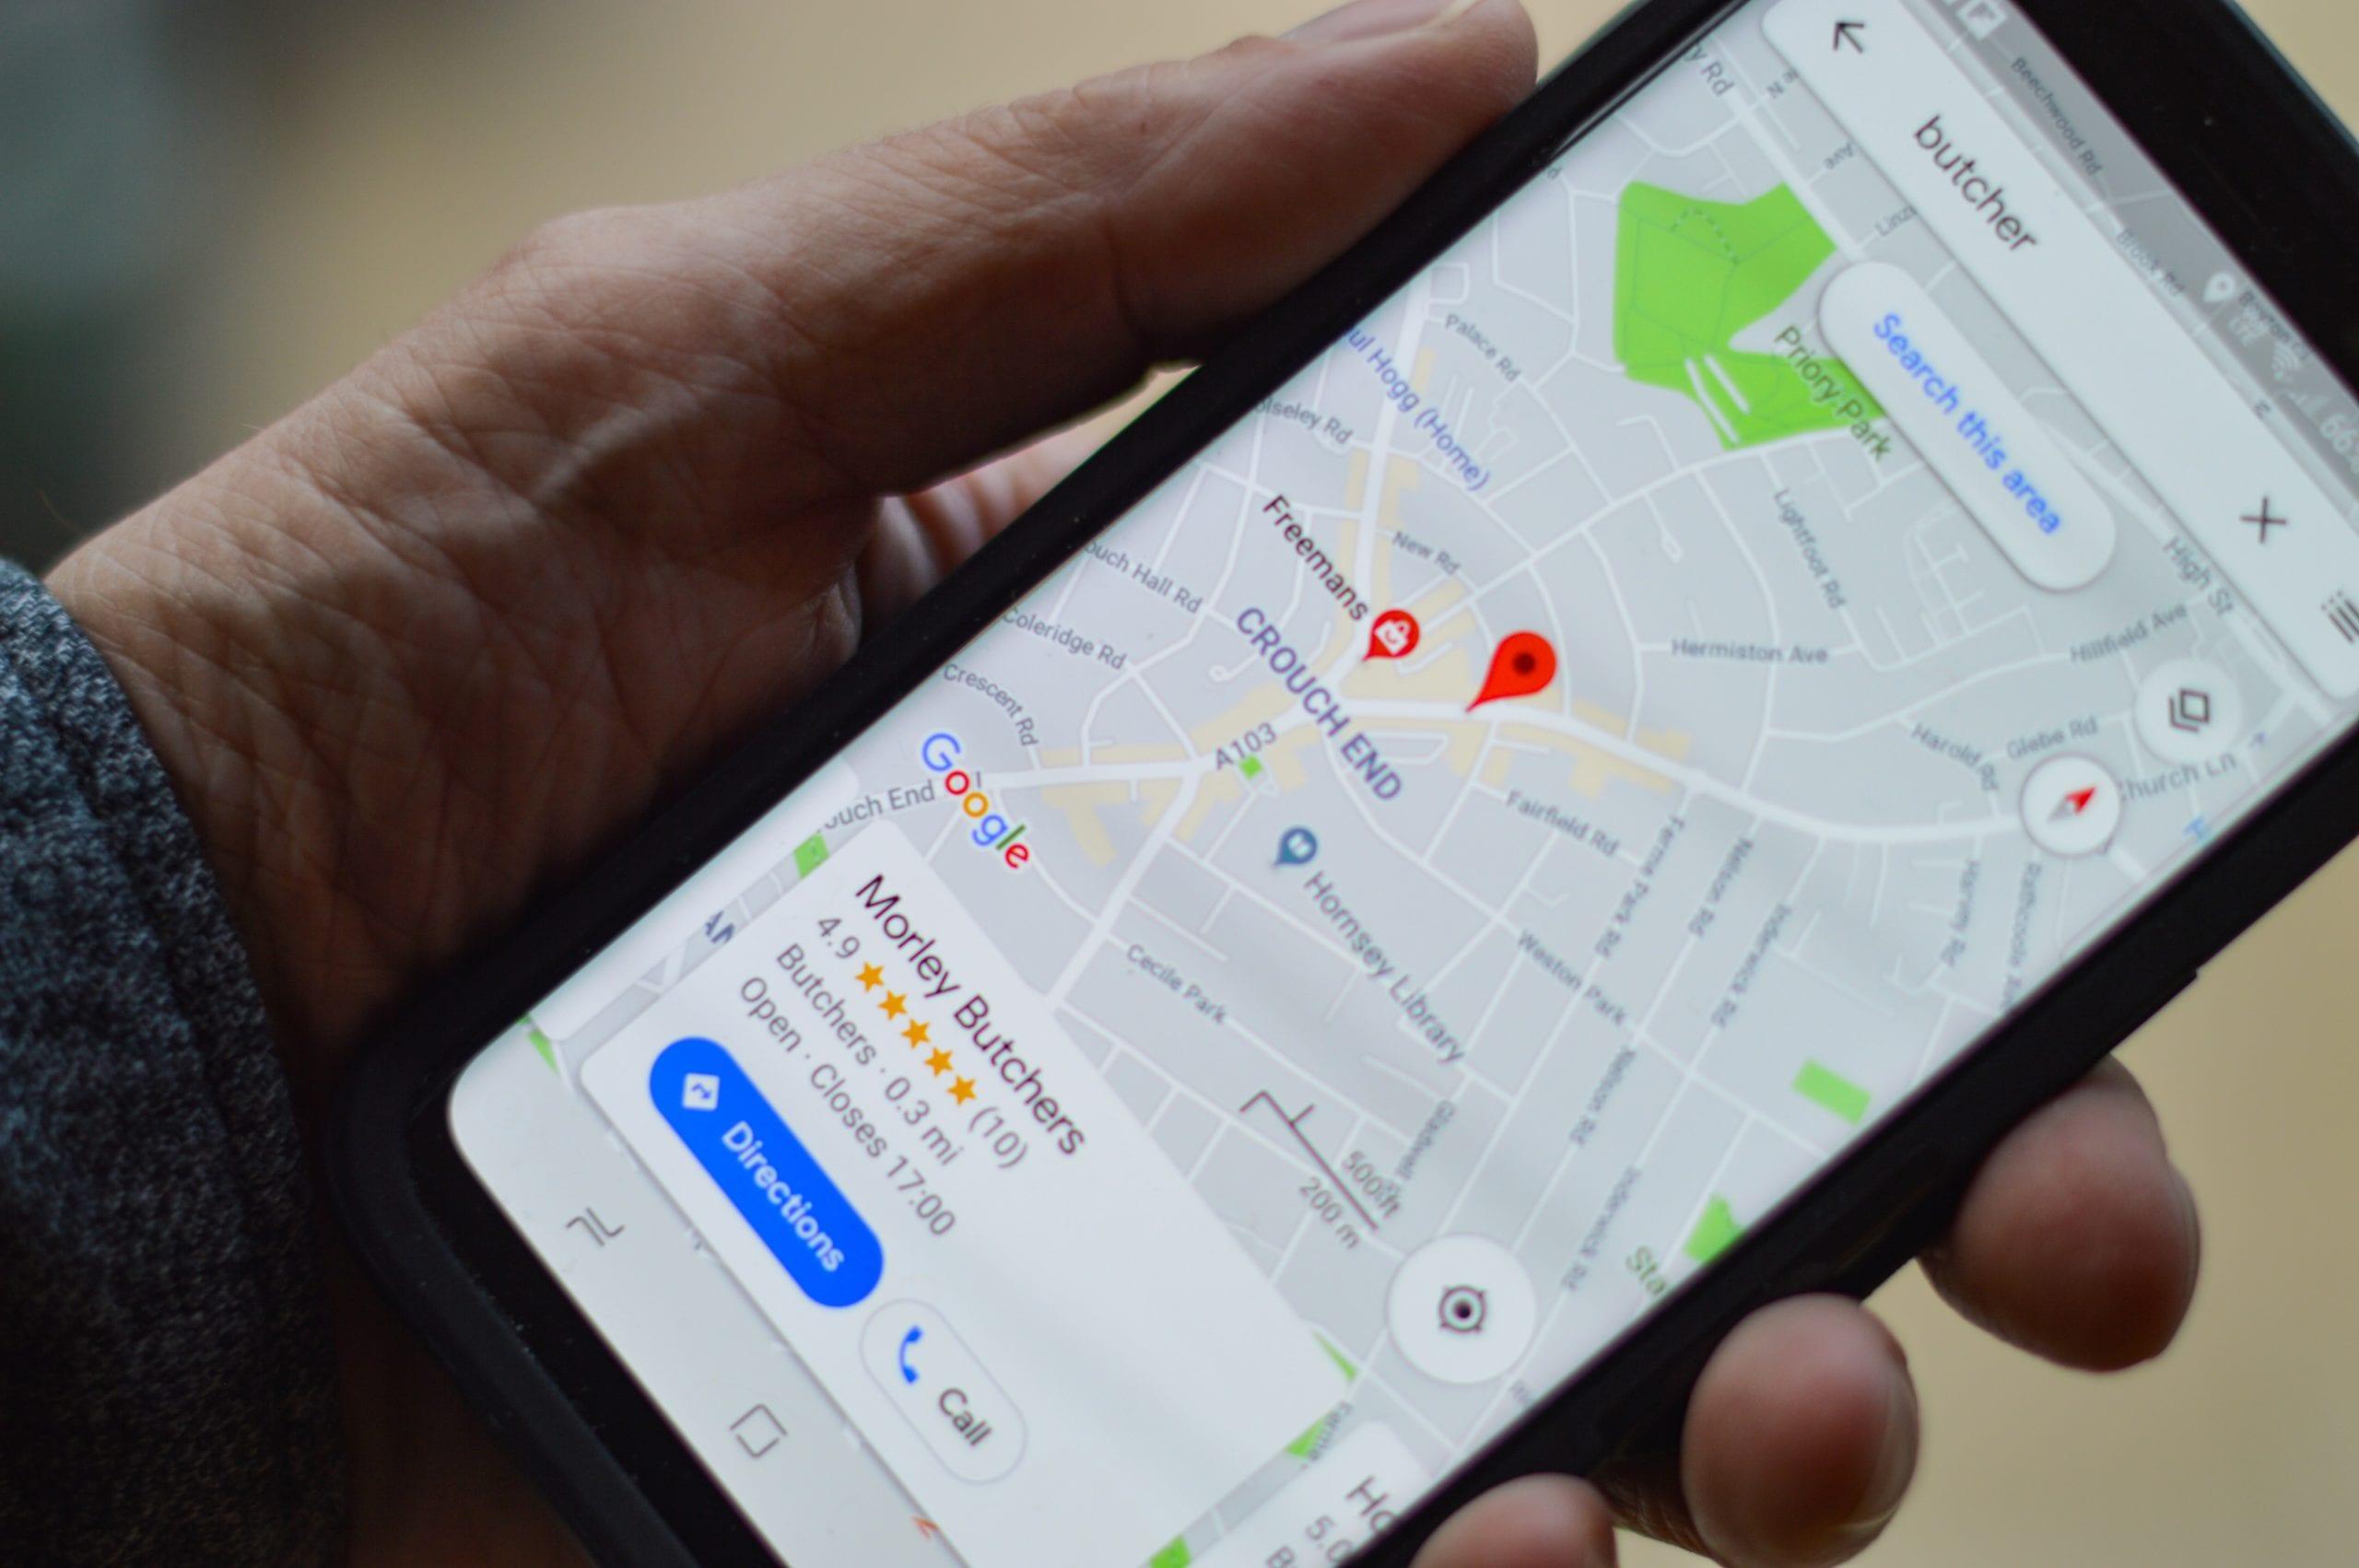 Cómo hacer zoom en Google Maps con un dedo